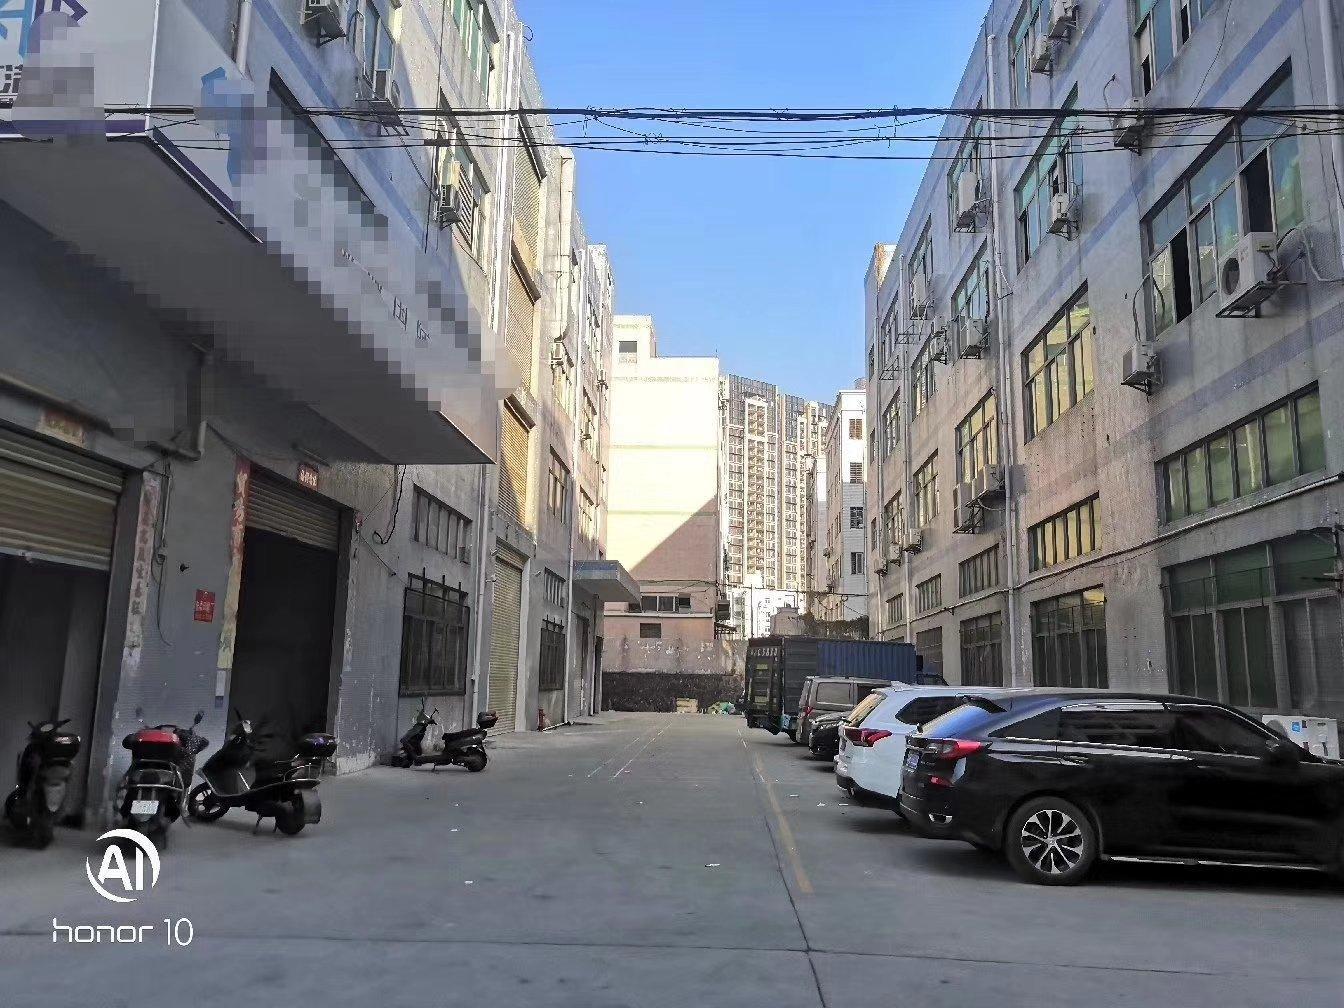 福永兴围机场物流中心一楼1400平米带装修物流仓库可分租